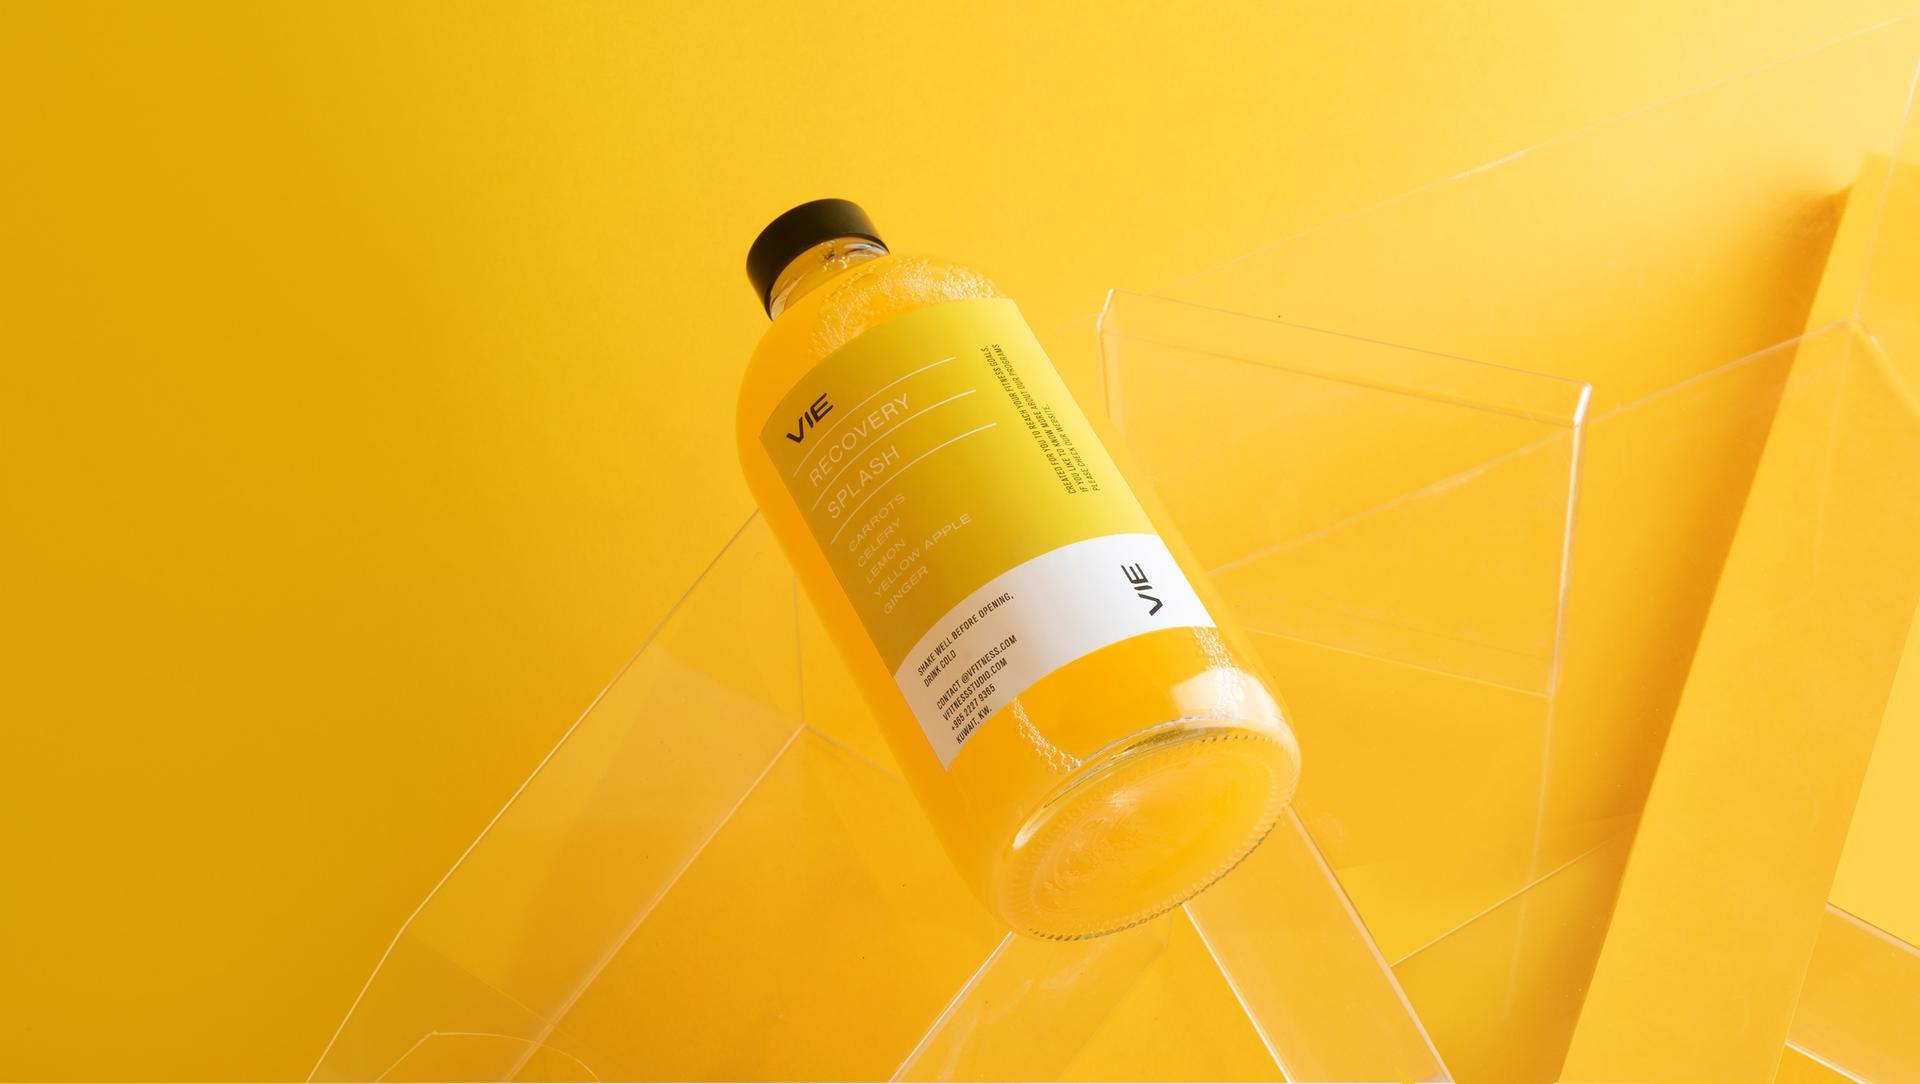 طراحی برچسب نوشیدنی